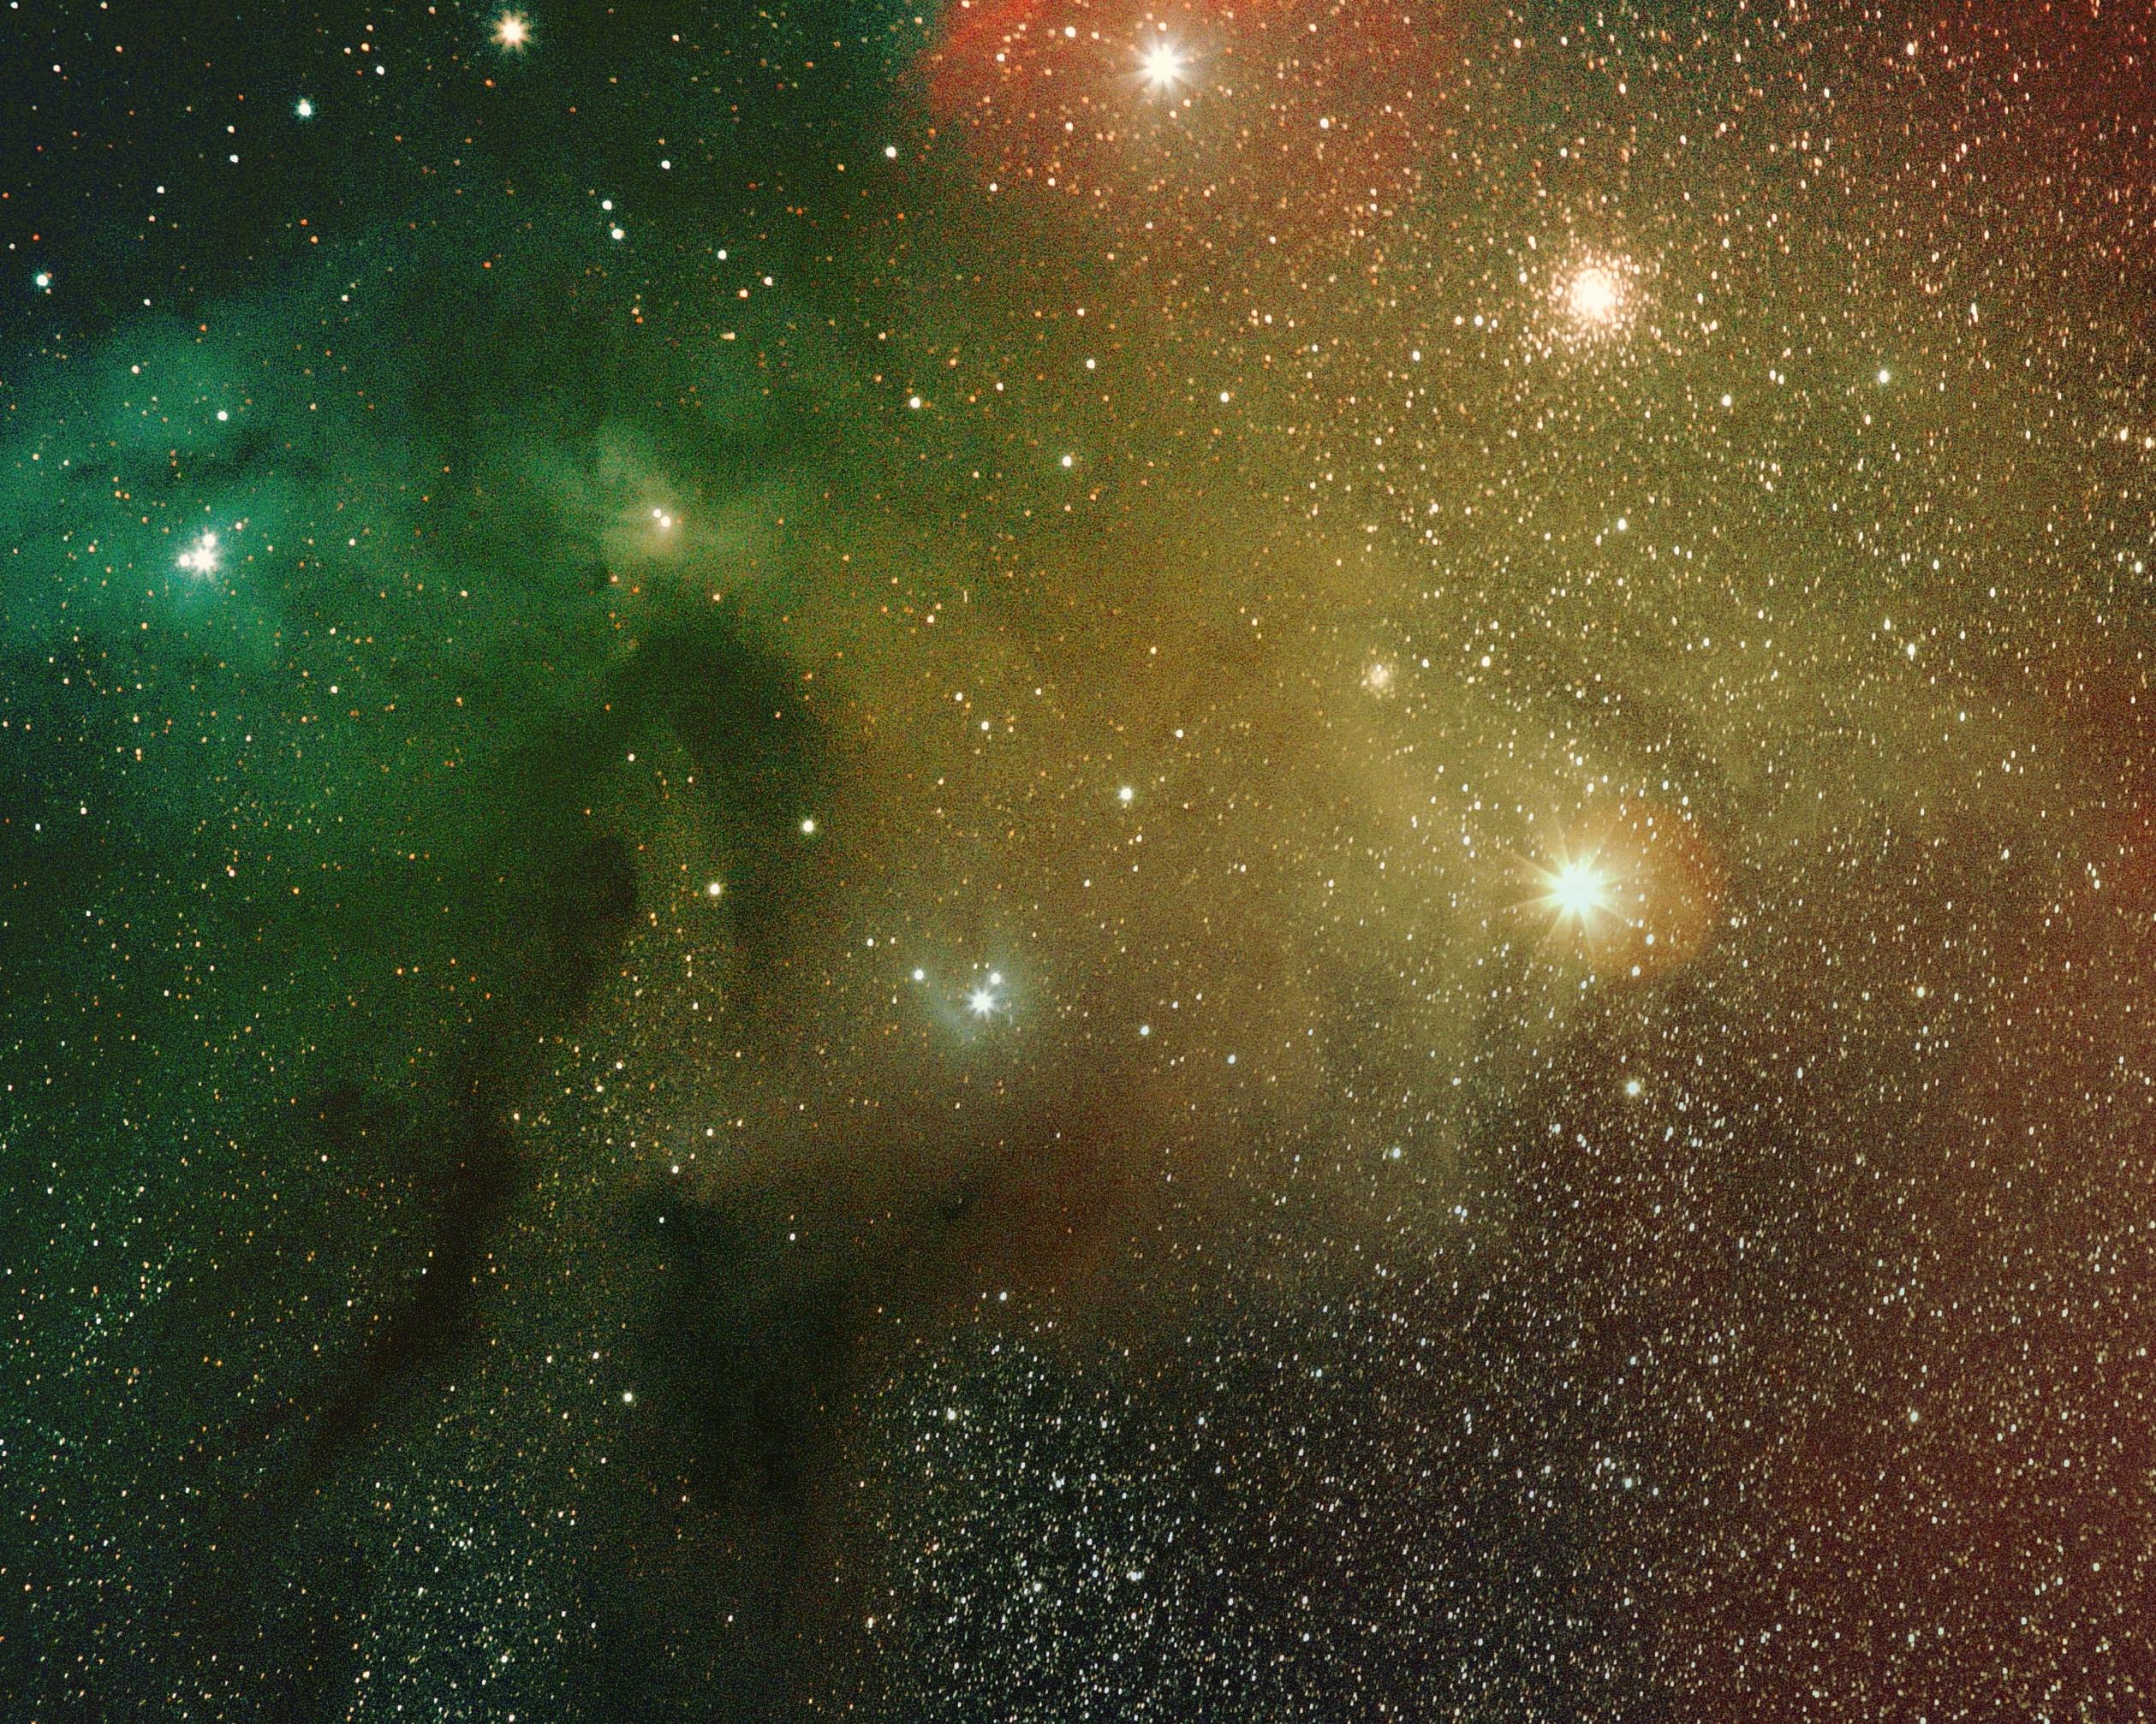 Rho Ophiuchus Nebula cc by-nc-sa 2.0 rudynix